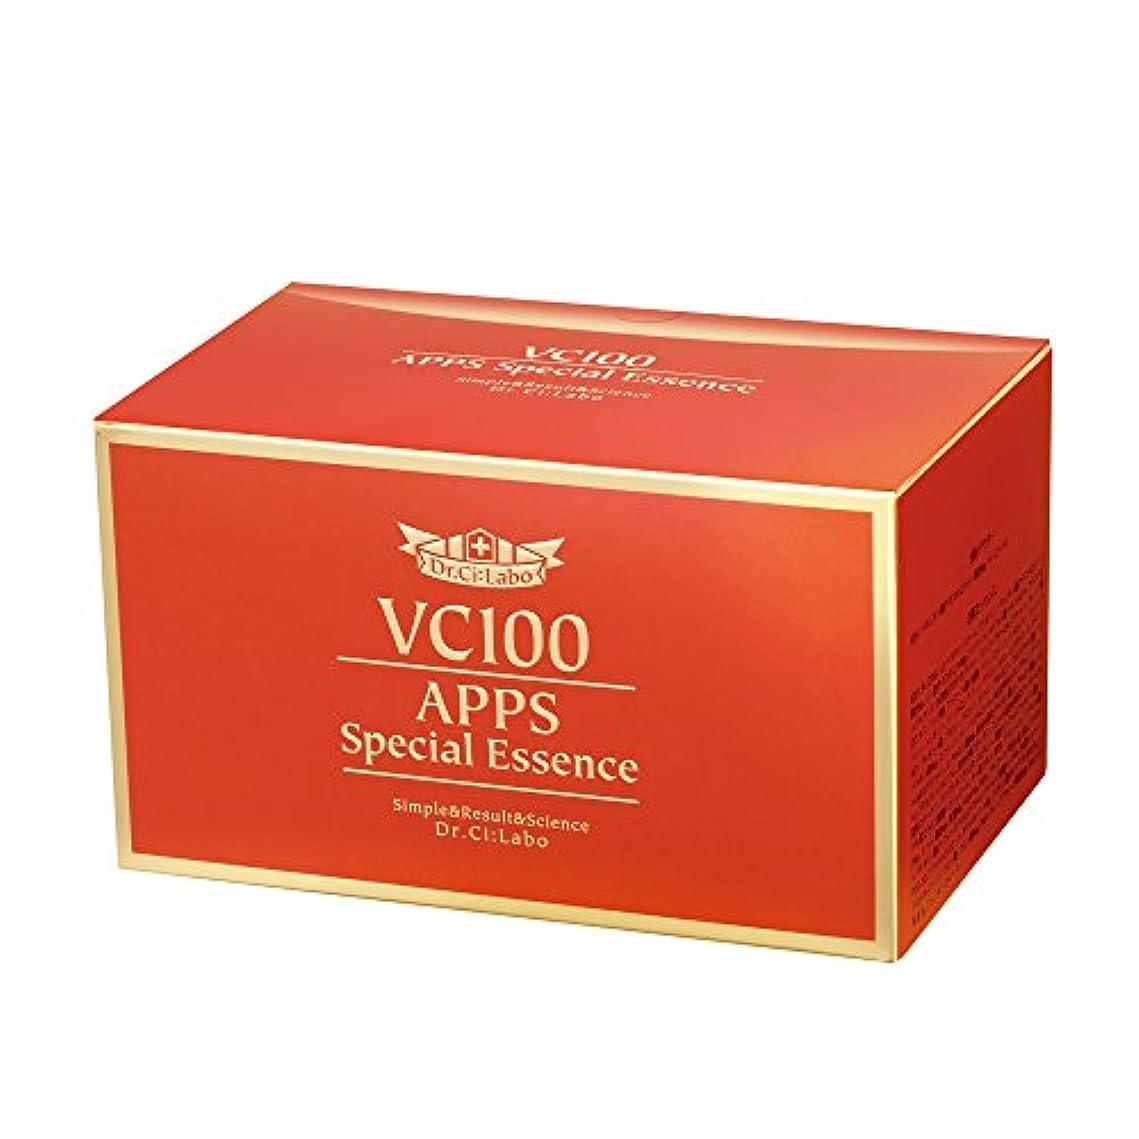 クラッシュグリース焼くドクターシーラボ VC100APPSスペシャルエッセンス 7日分×4セット 集中美容液